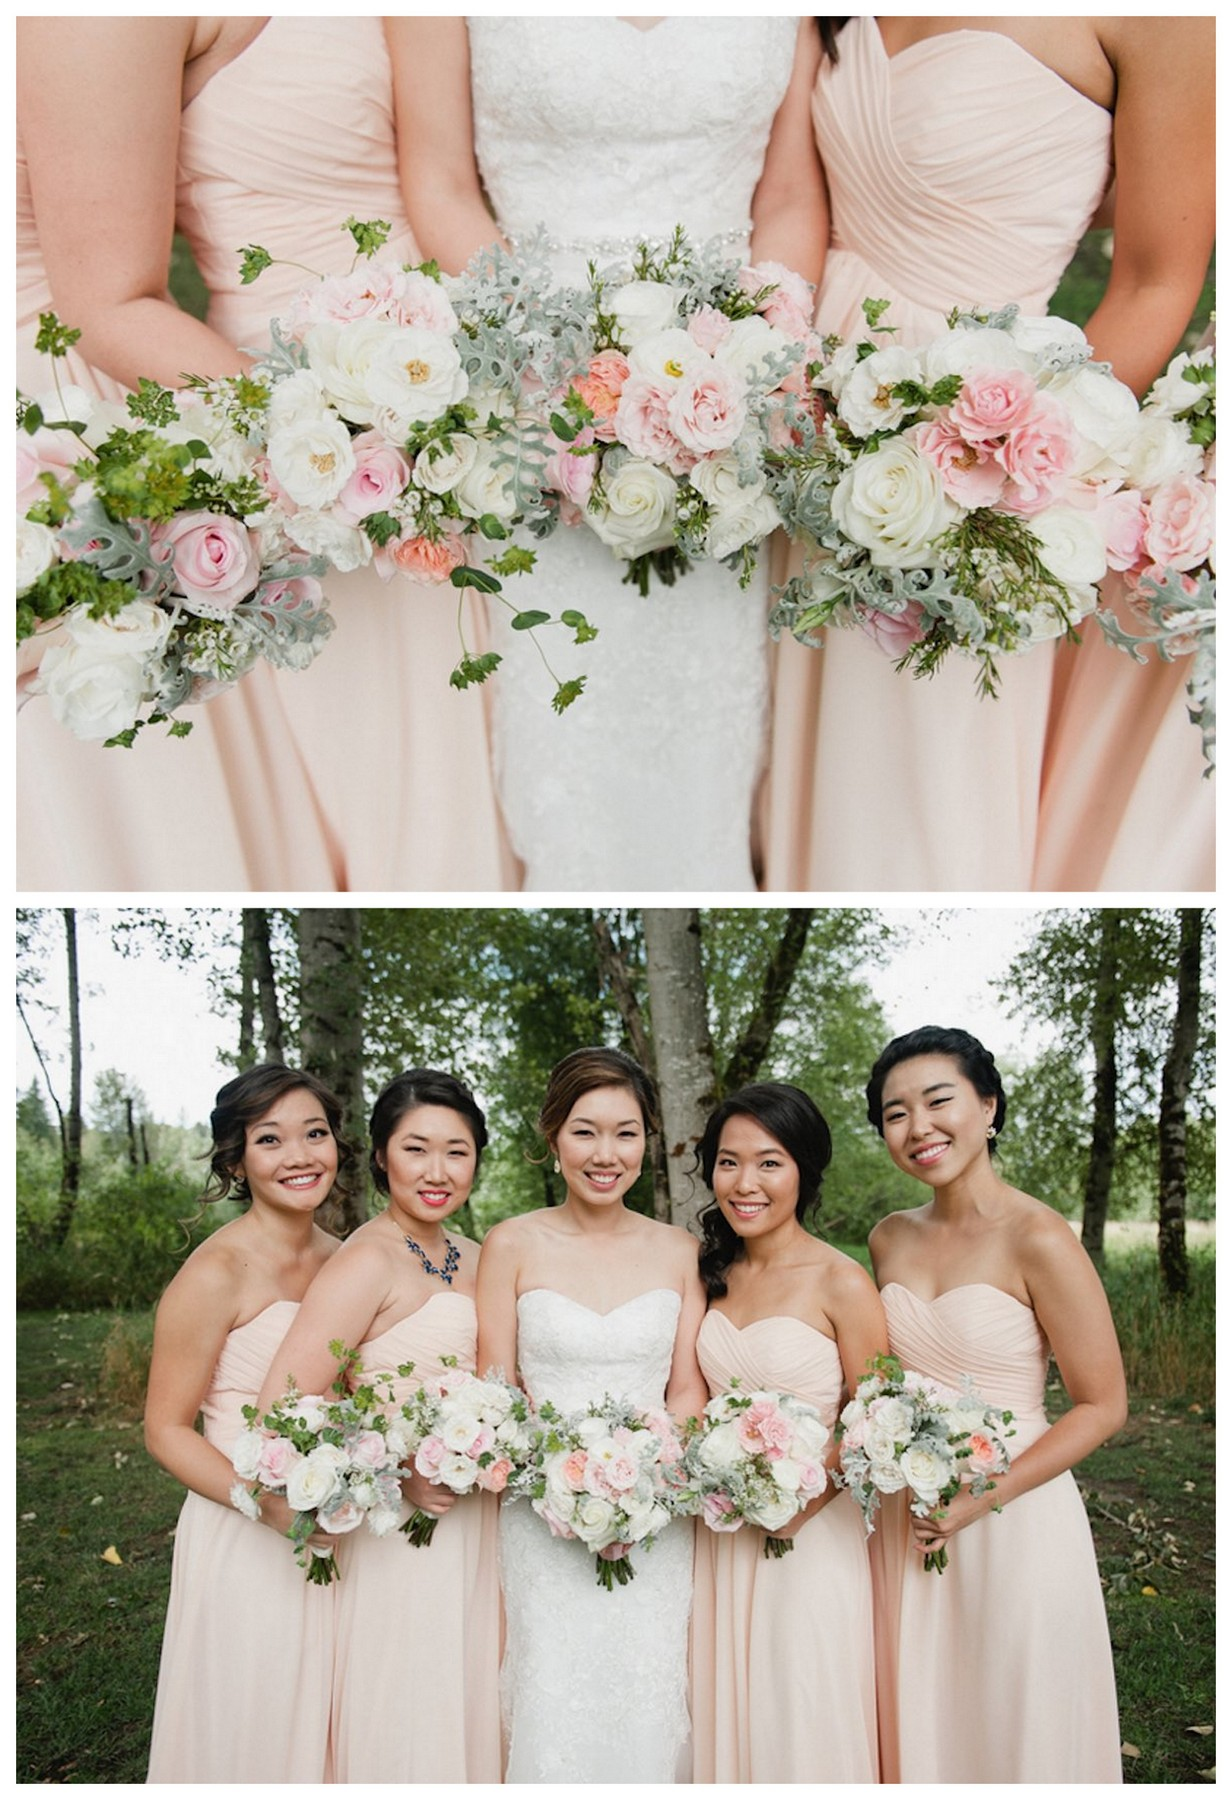 Blush pink white garden bridesmaid bouquets